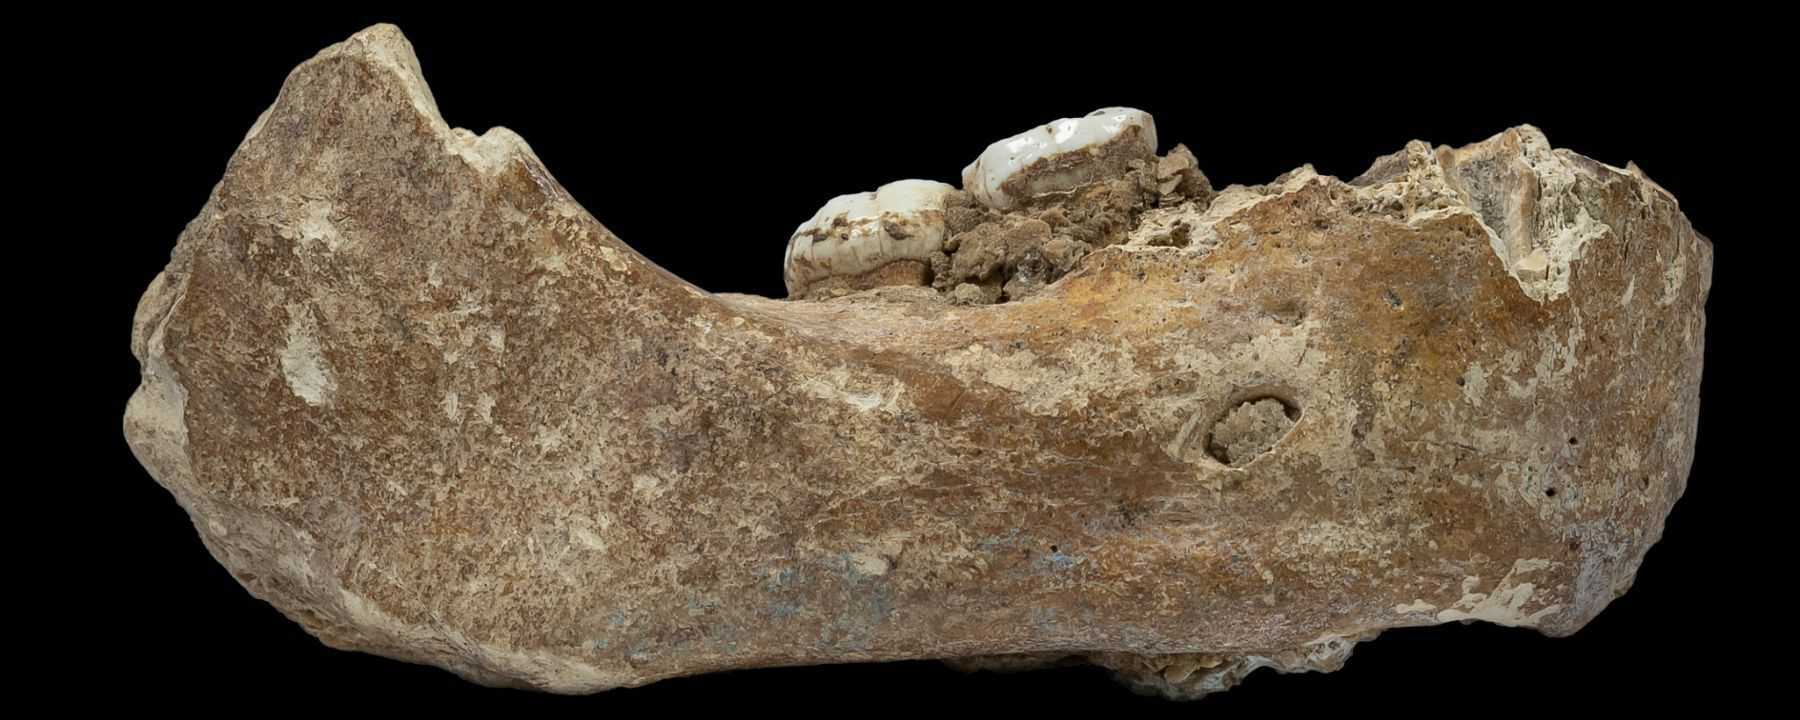 Denisovan Fossil Identified in Tibetan Cave